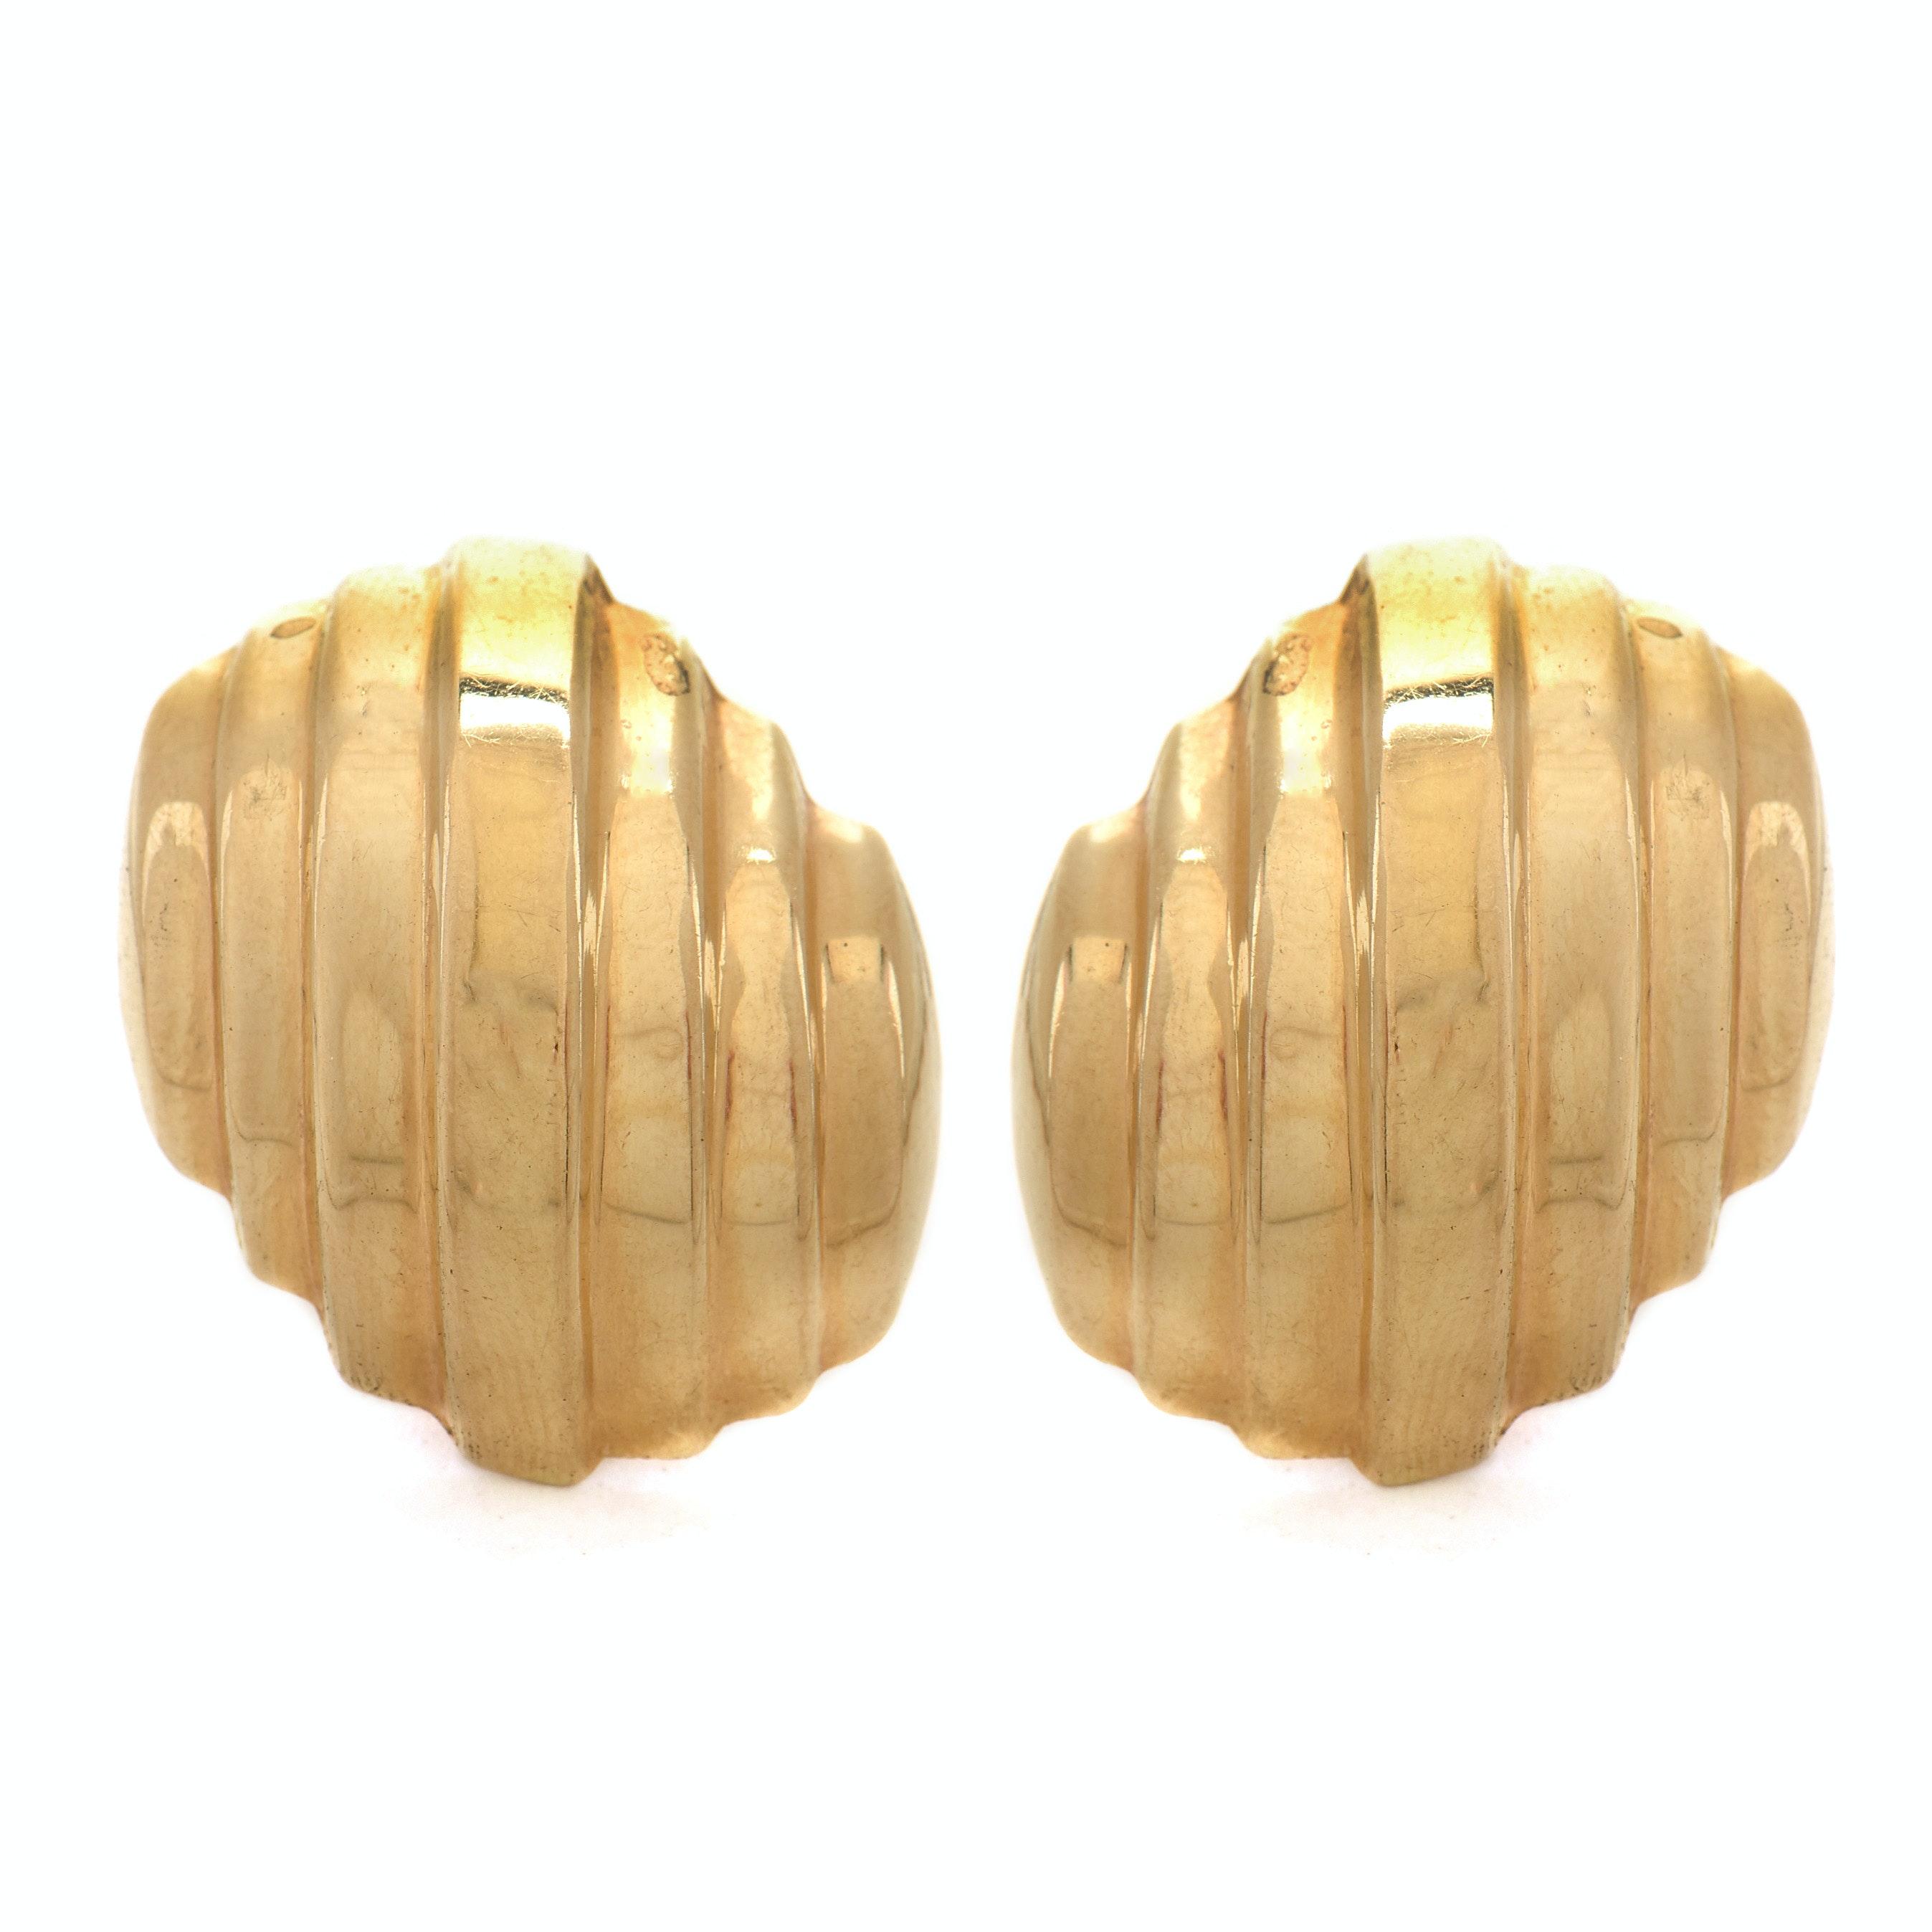 14K Yellow Gold Tiered Pierced Post Earrings